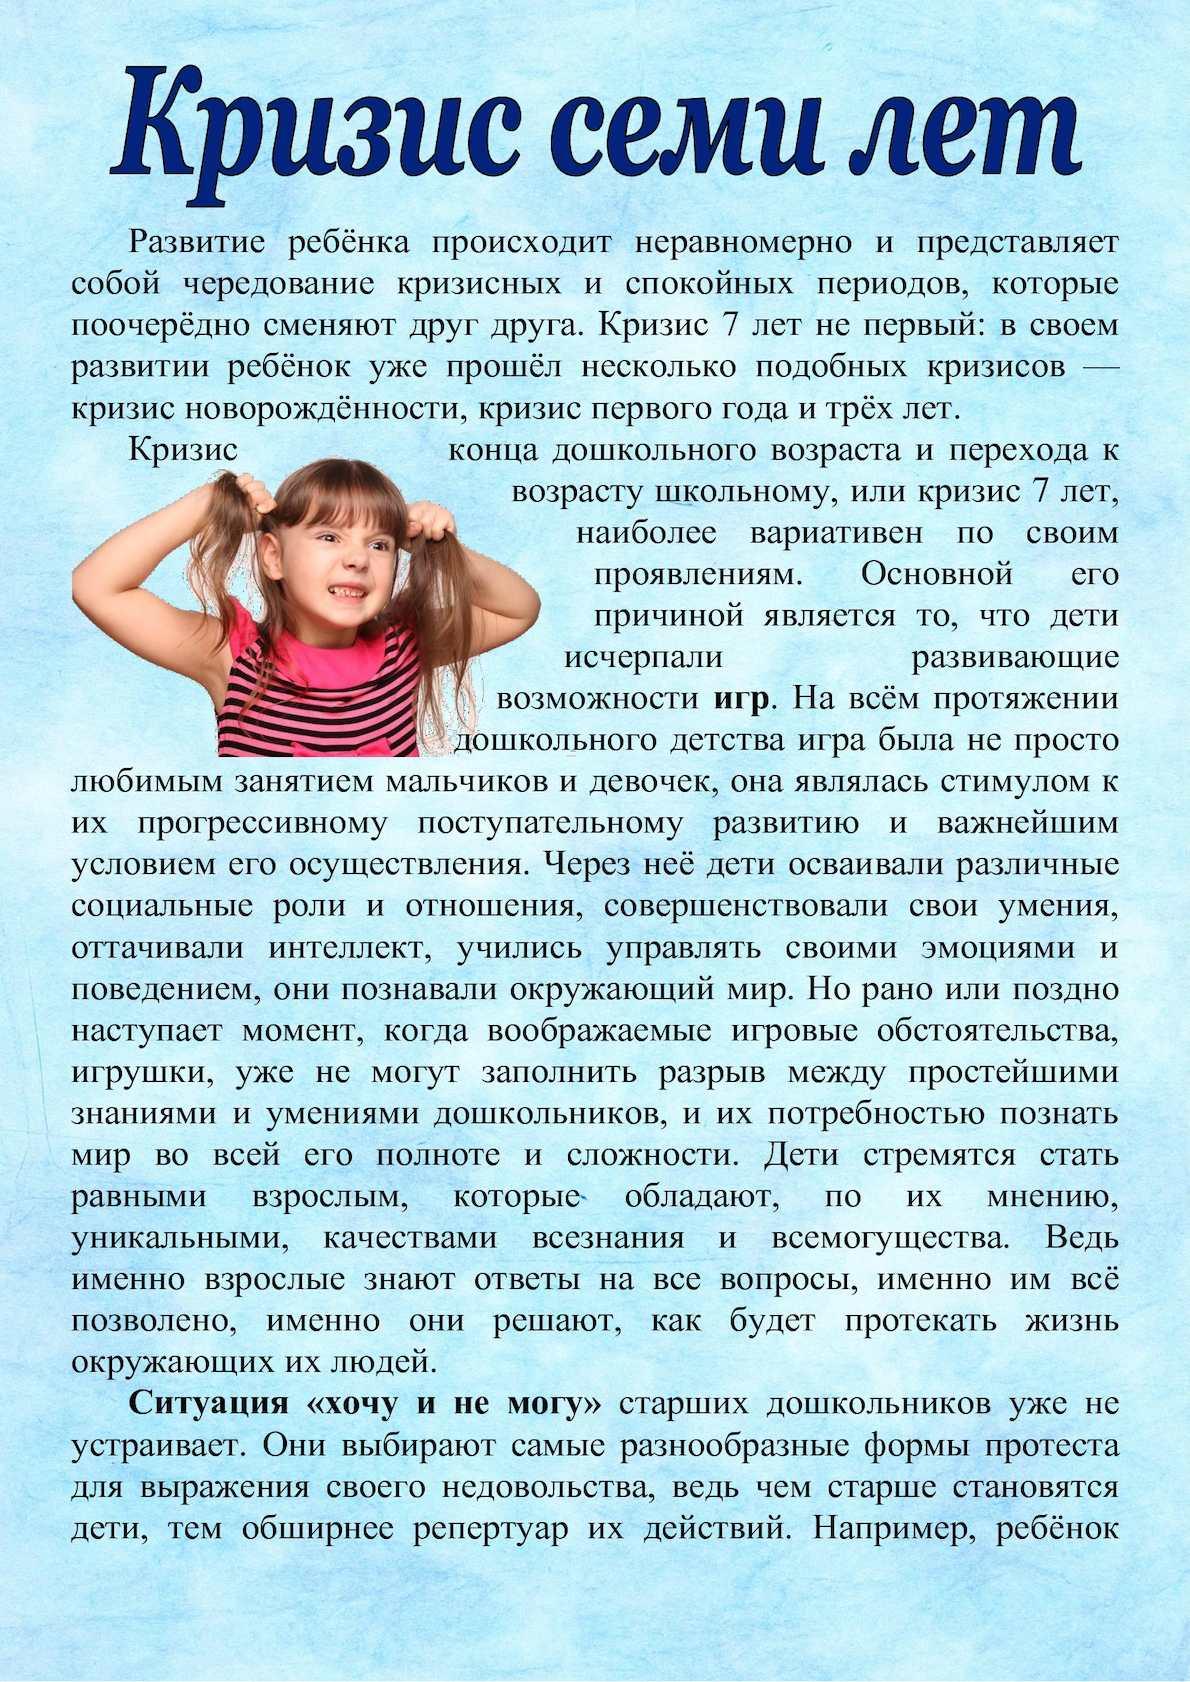 Возрастная психология: кризис у детей 6-7 лет, как понять, что у ребенка наступил кризис